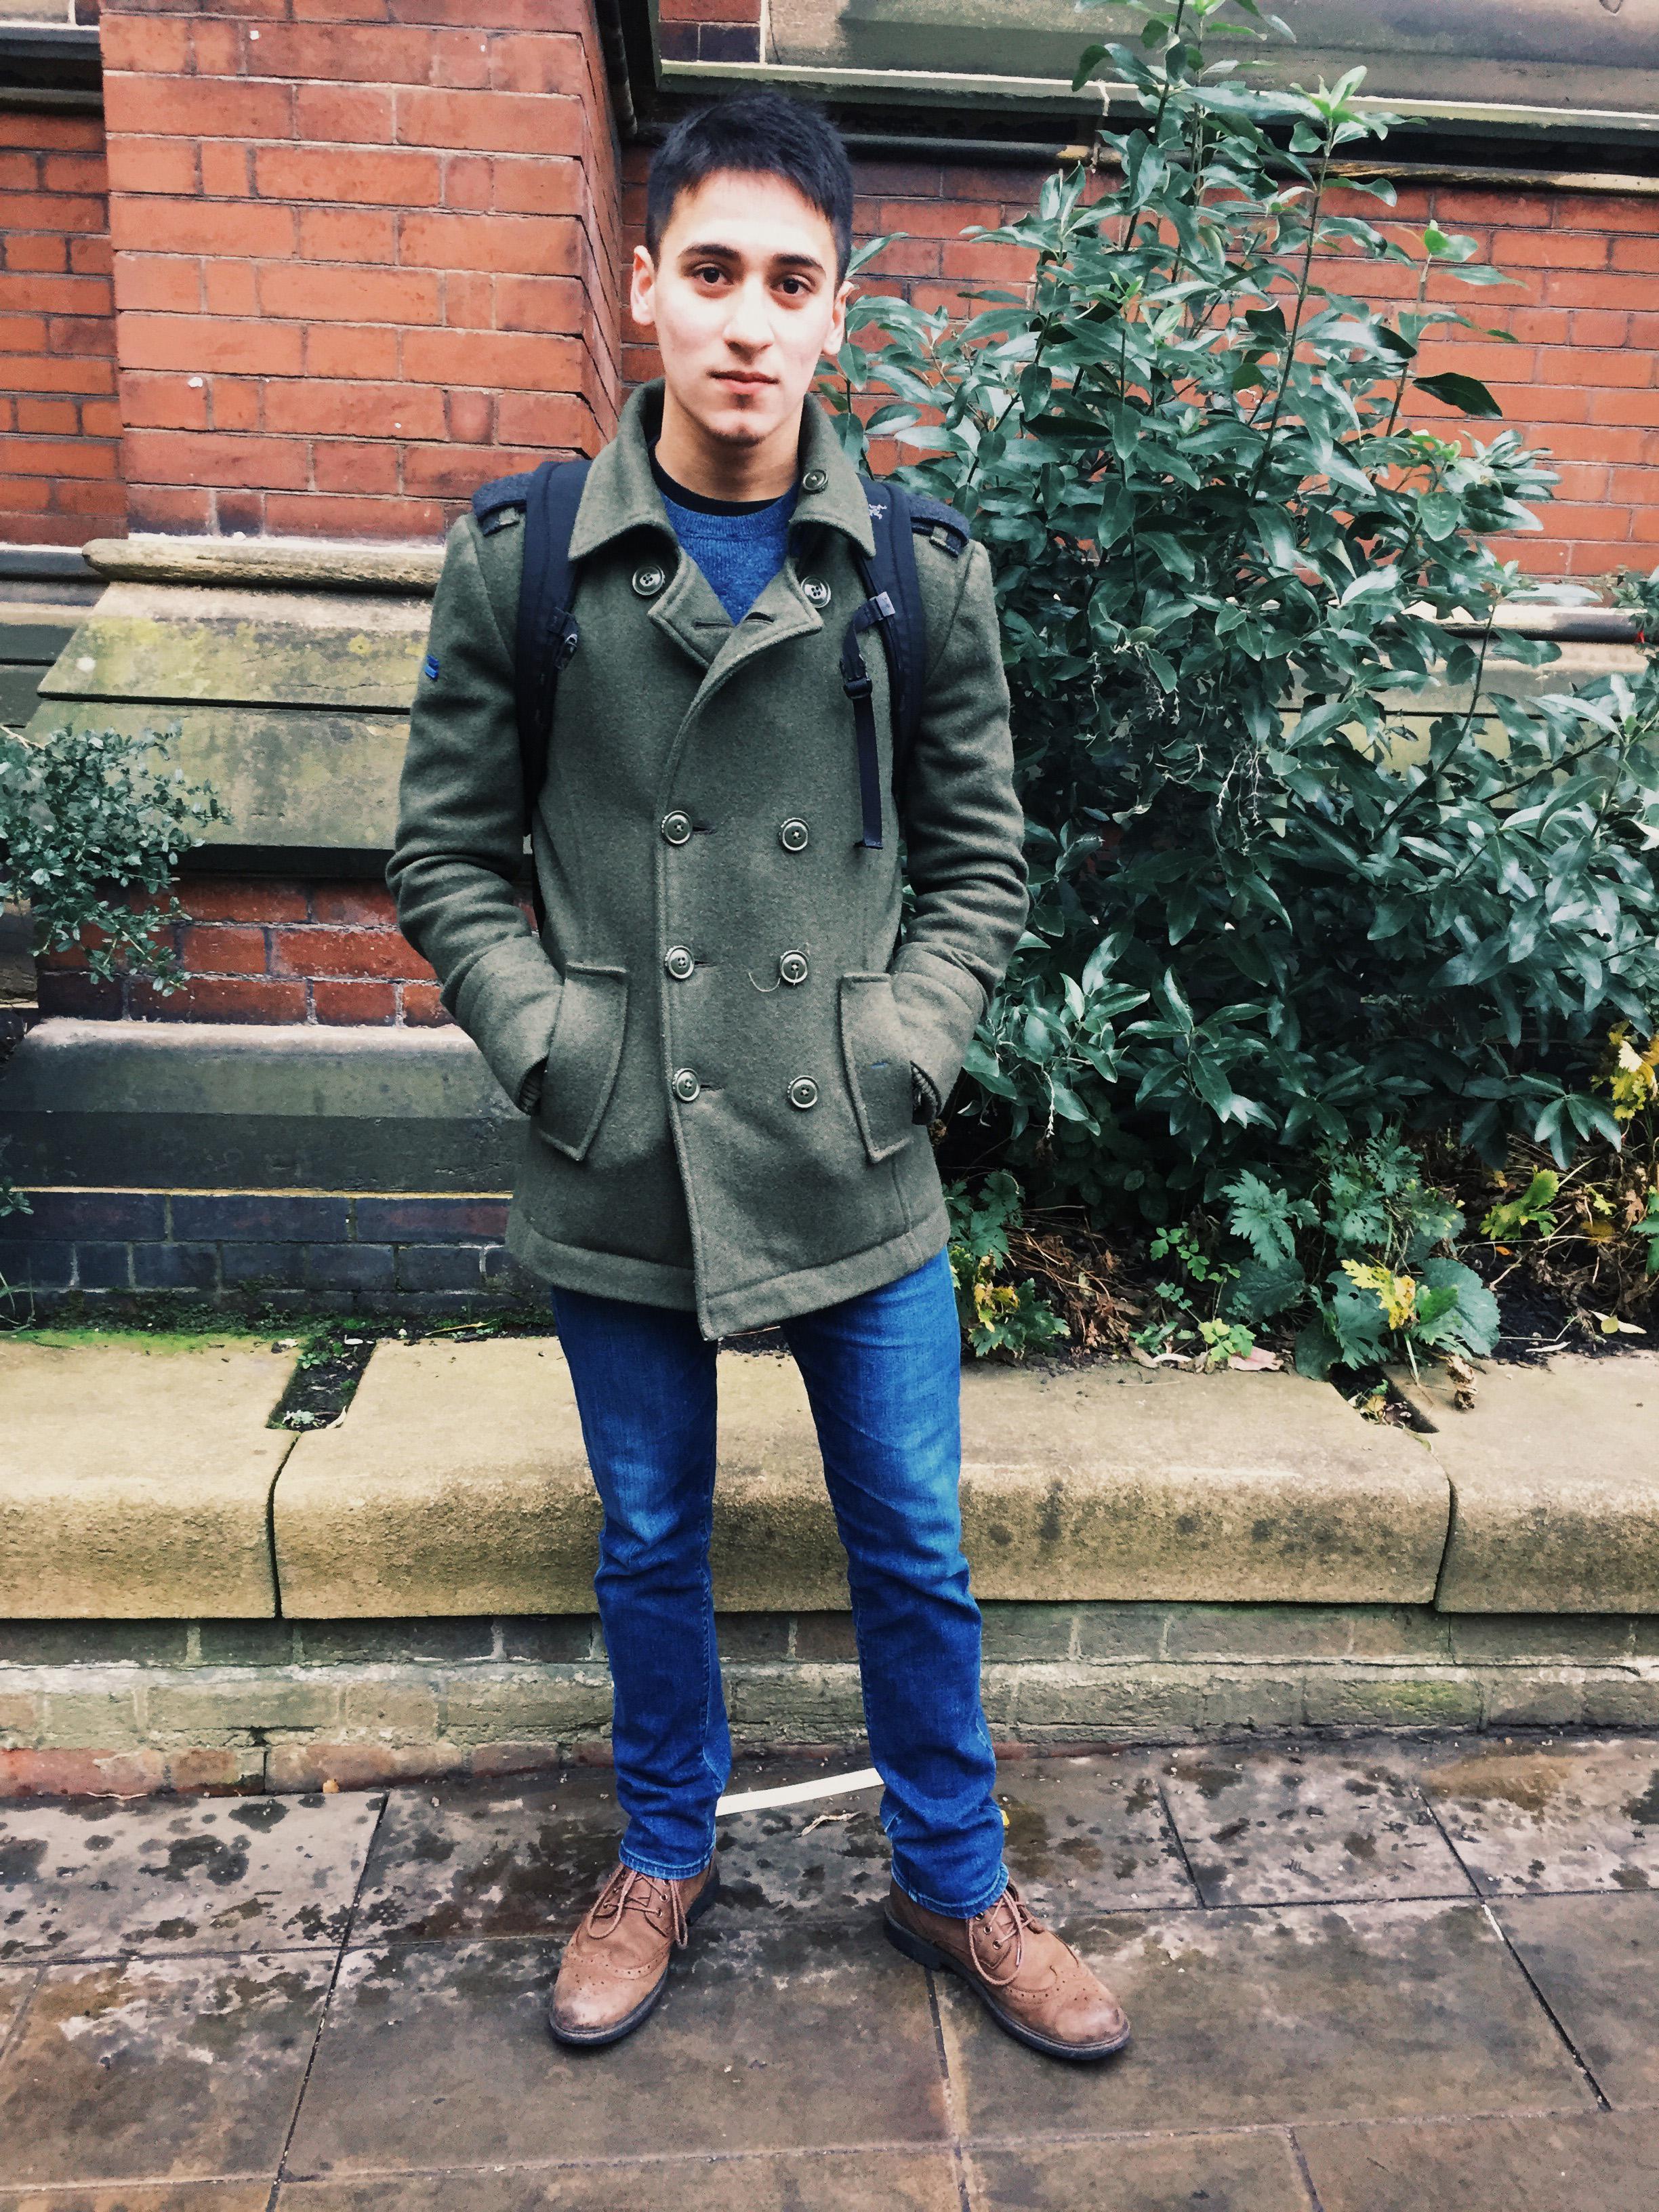 Mikhail Barb Jacket: Superdry Jeans: ASOS  Shoes: Burton